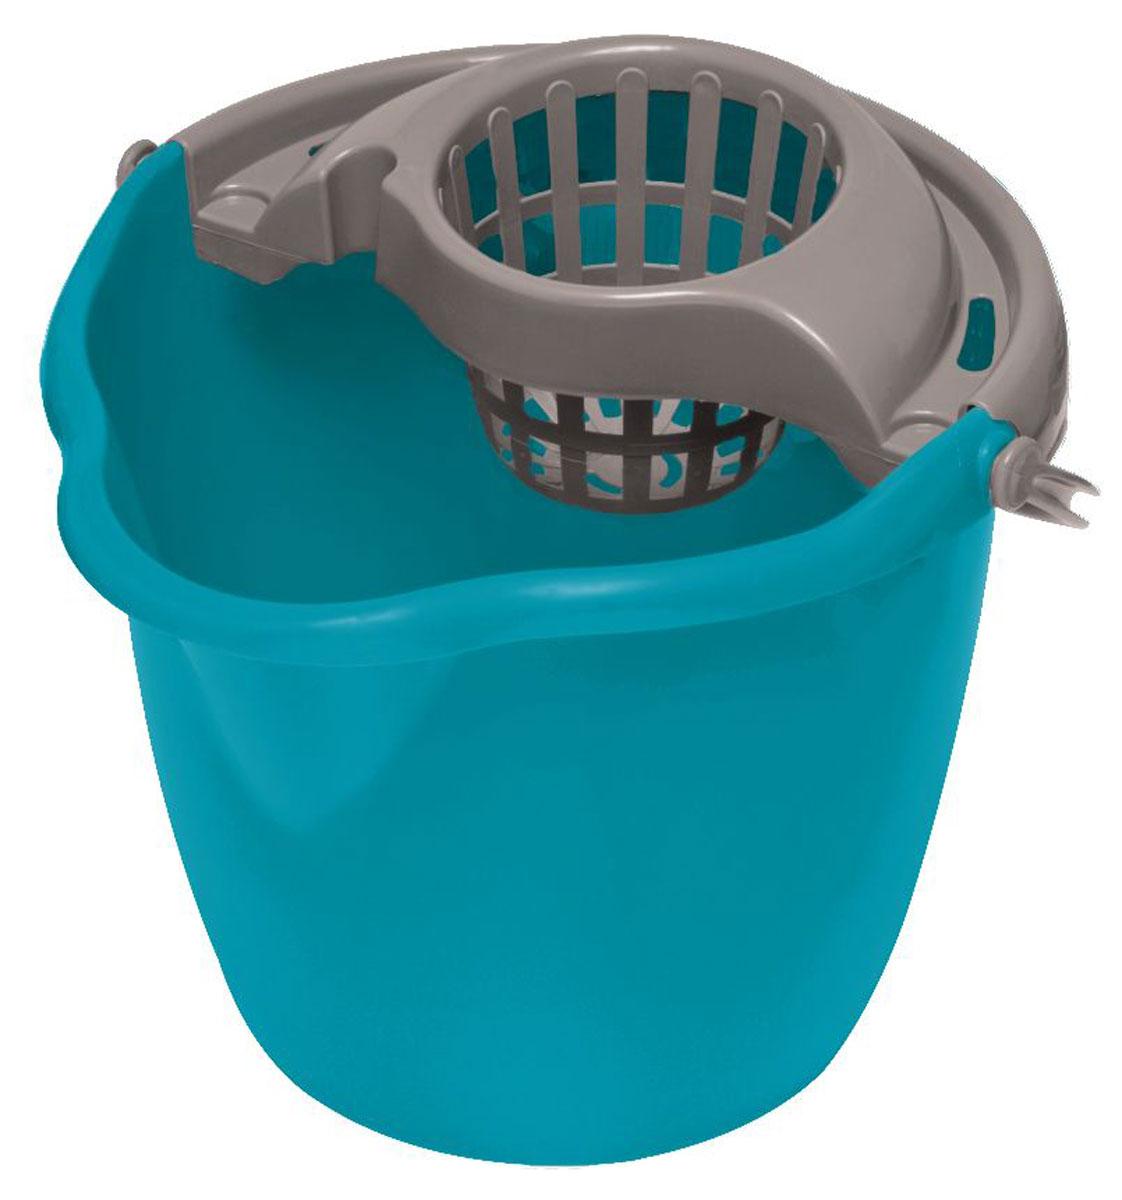 Ведро для уборки York, с насадкой для отжима швабры, цвет: бирюзовый, серый, 12 лBH-UN0502( R)Ведро York, изготовленное из прочного полипропилена, порадует практичных хозяек. Изделие снабжено специальной насадкой, которая обеспечивает интенсивный отжим ленточных швабр. Это значительно уменьшает физические нагрузки при мытье полов. Насадка надежно крепится на ведро и также легко снимается, позволяя хранить ее отдельно. Для удобного использования ведро оснащено эргономичной ручкой.Размер ведра (по верхнему краю): 33 х 30 см.Высота: 27 см.